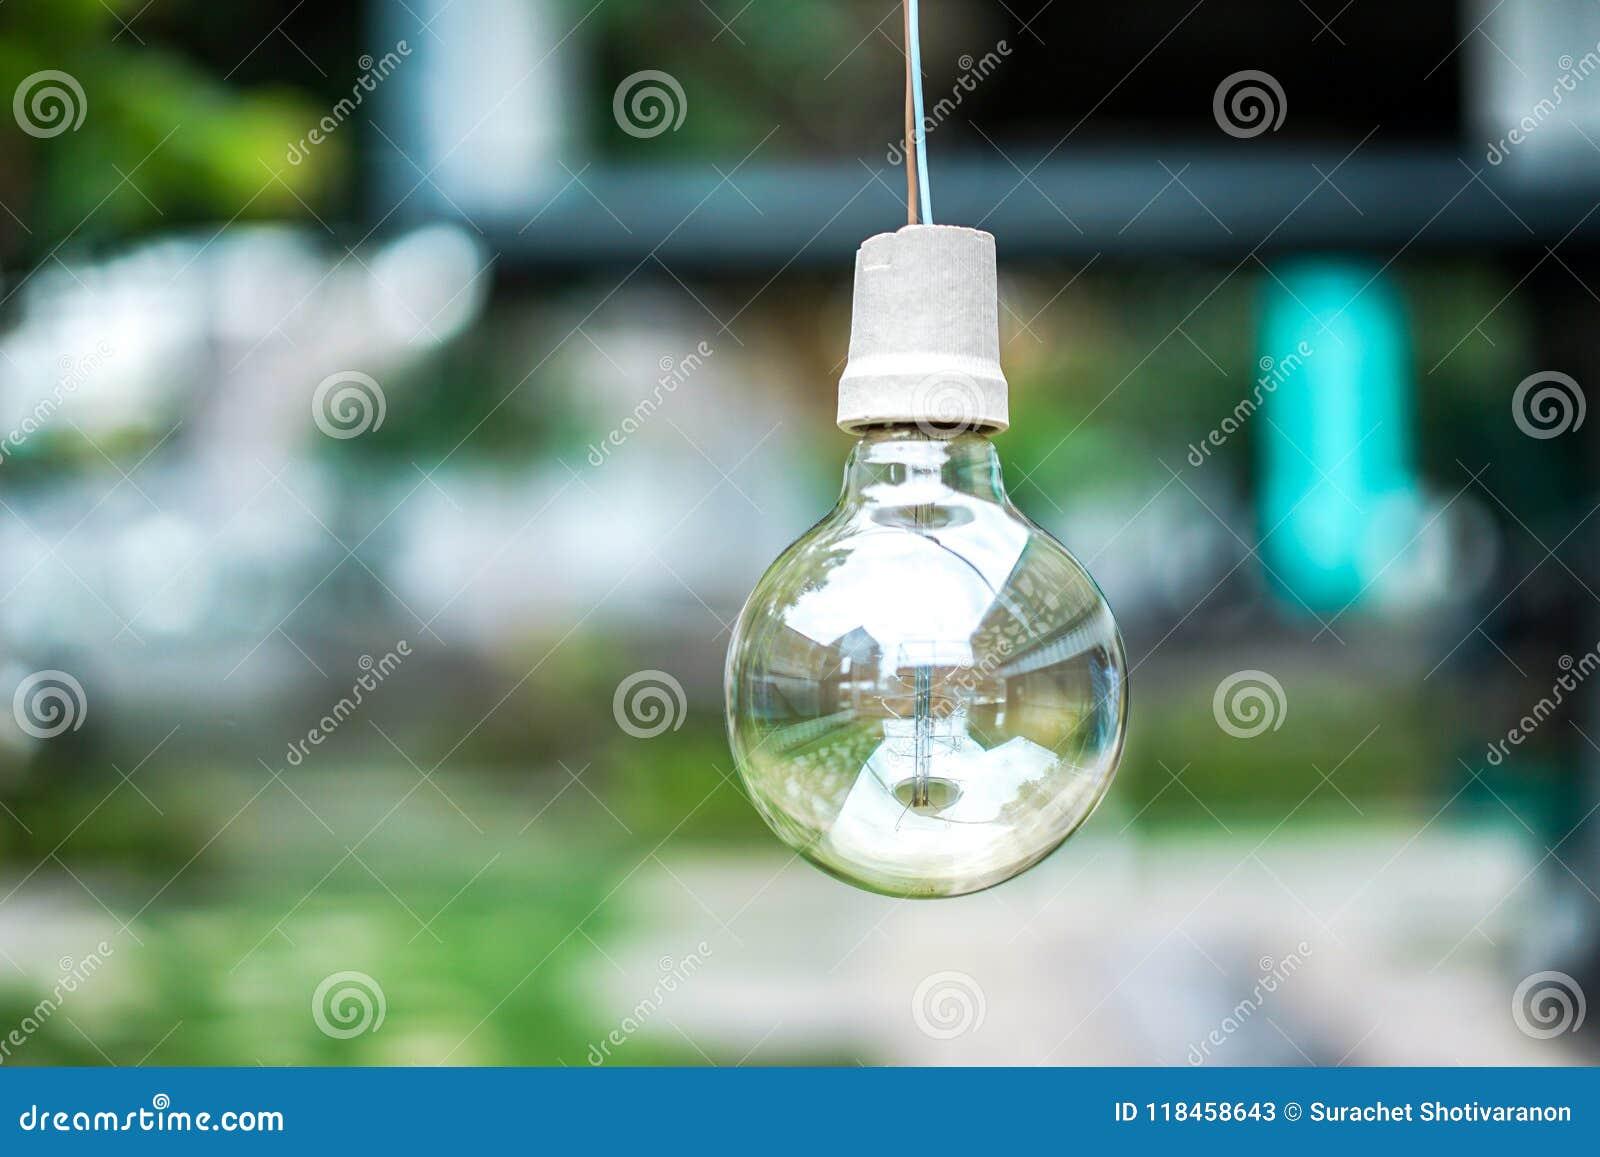 Lampe haute et macro de fin de cercle avec très le vert et les turquois de tache floue